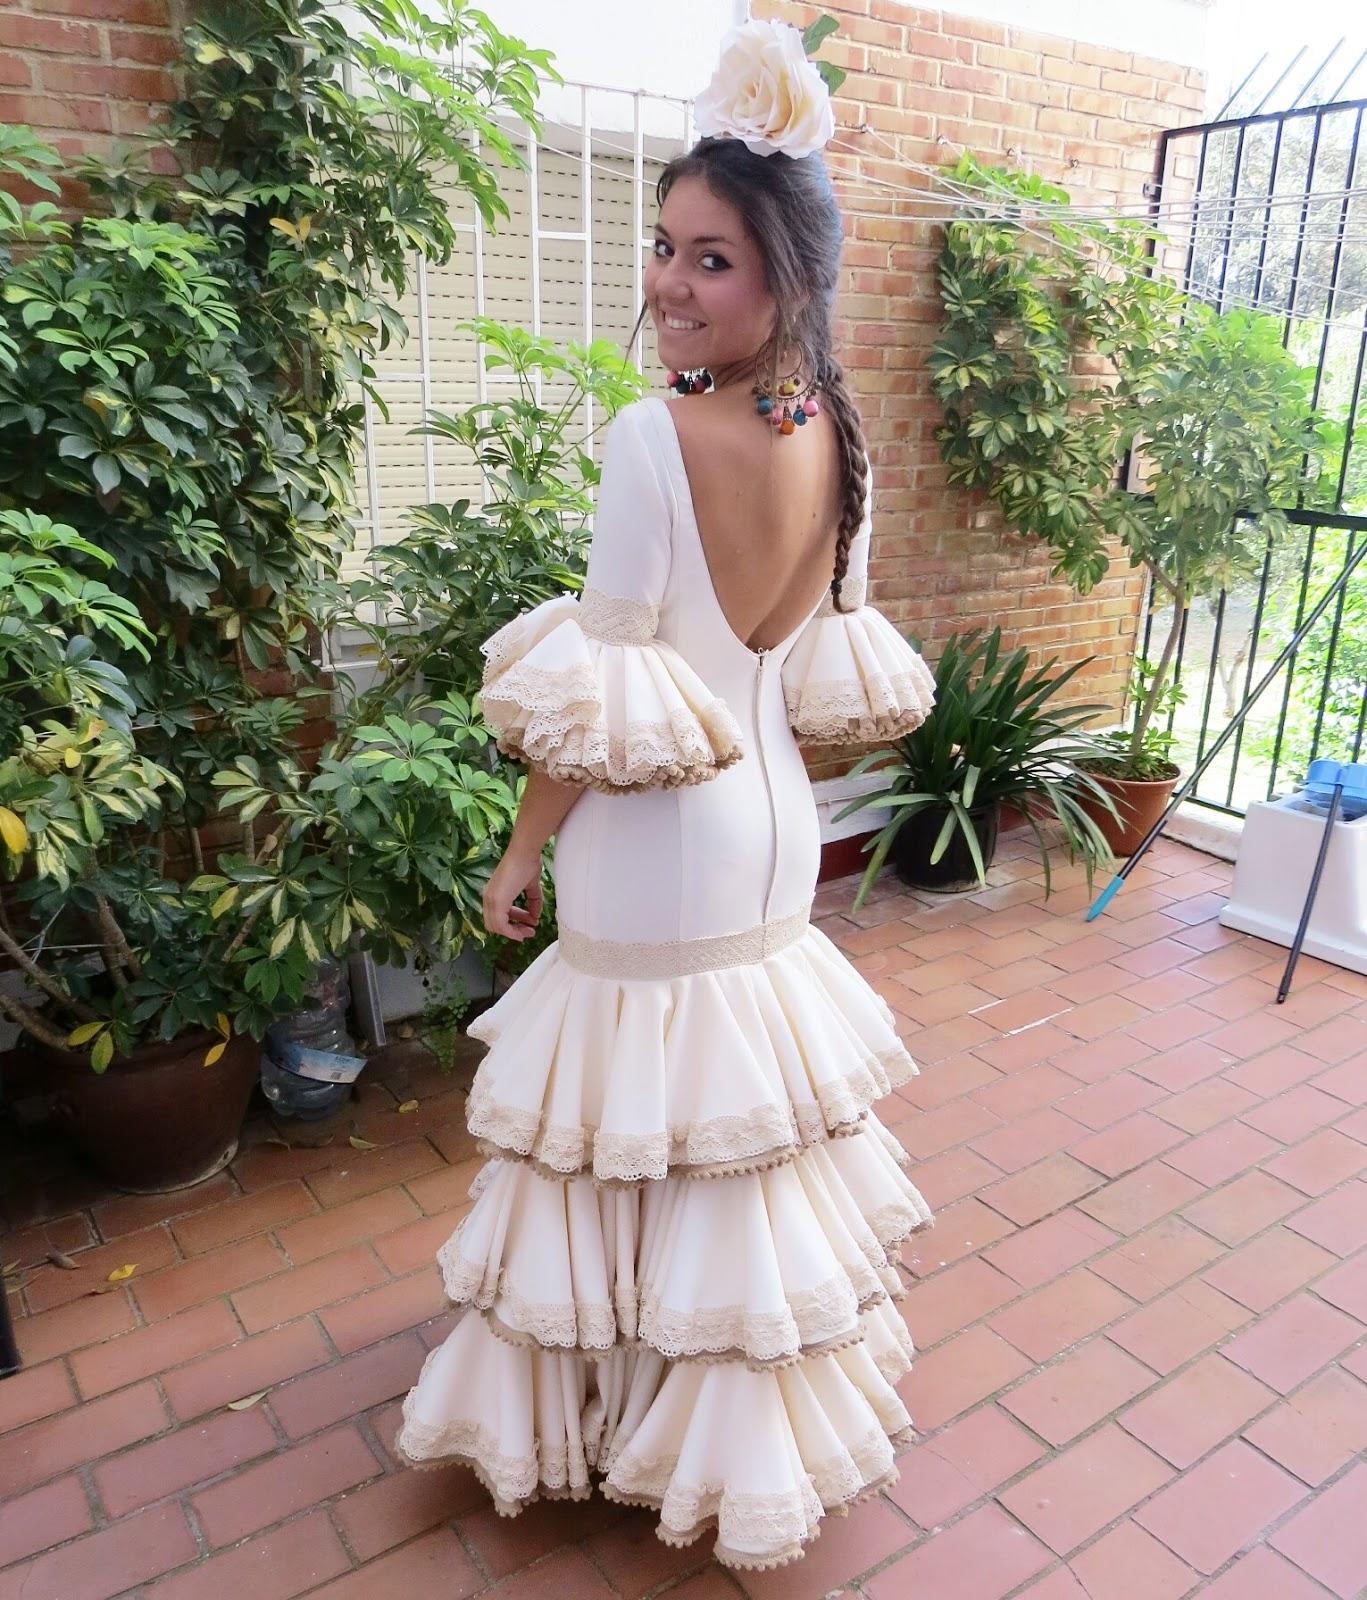 2675cbb6a Soy bastante apasionada al mundo del traje de flamenca y todo lo  relacionado con el volante y el año pasado tuve la oportunidad de poder  hacer mi primer ...